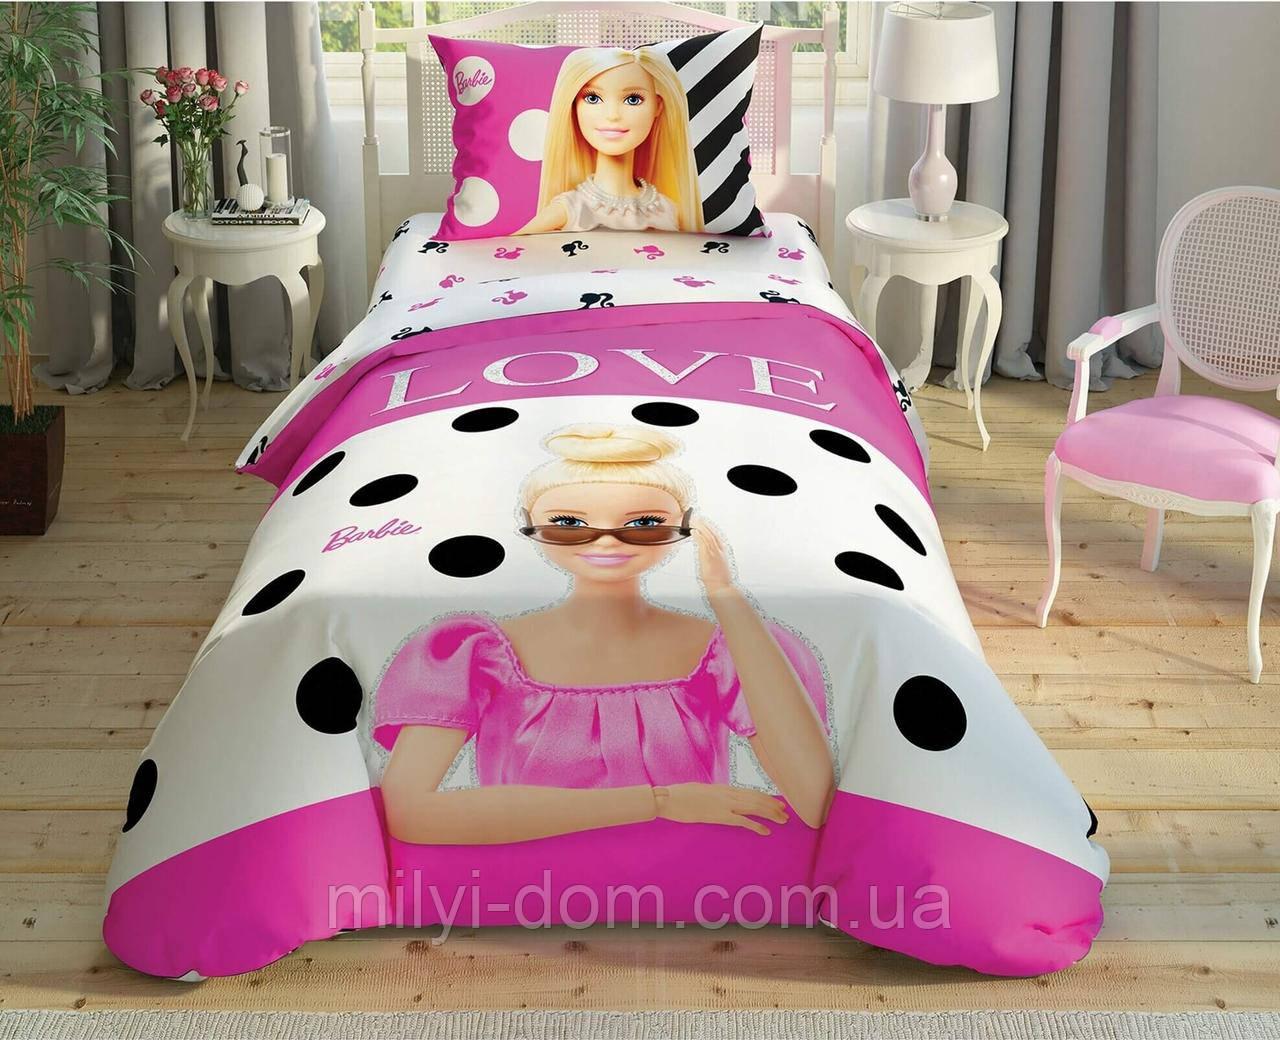 """Набор детского постельного белья TAC Barbie Glitter """"Барби блестки"""", простынь на резинке"""